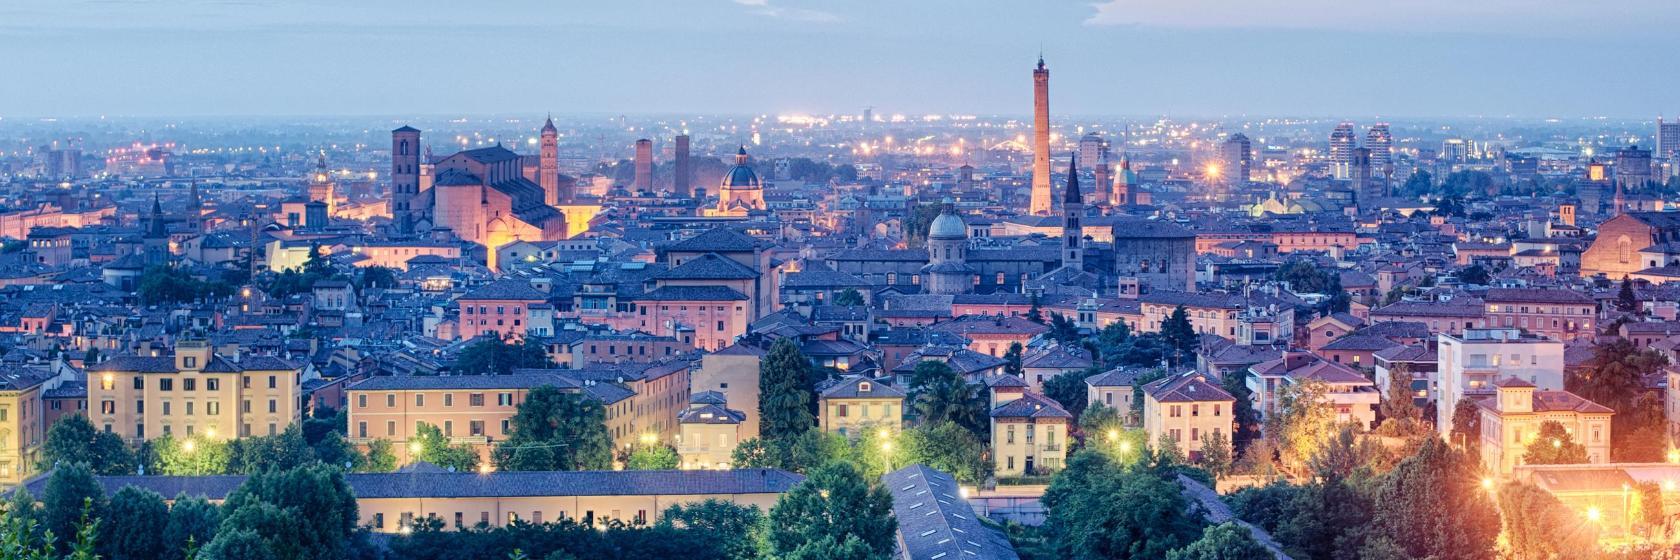 Bologna, Italy Hotels